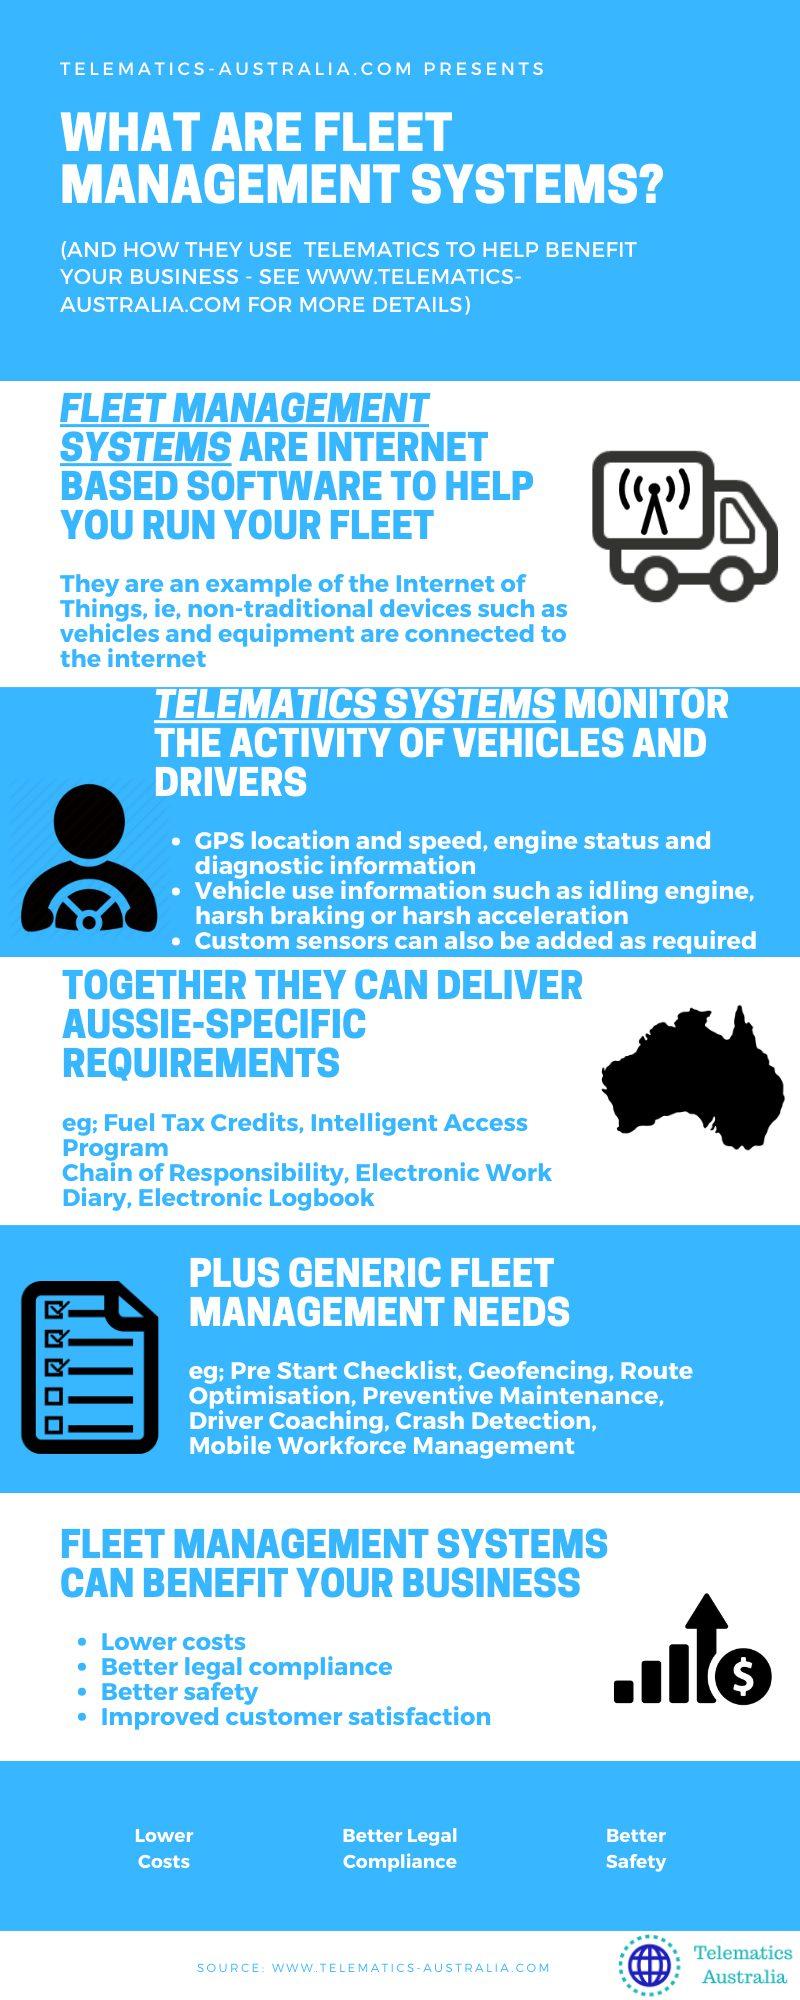 Fleet Management Systems